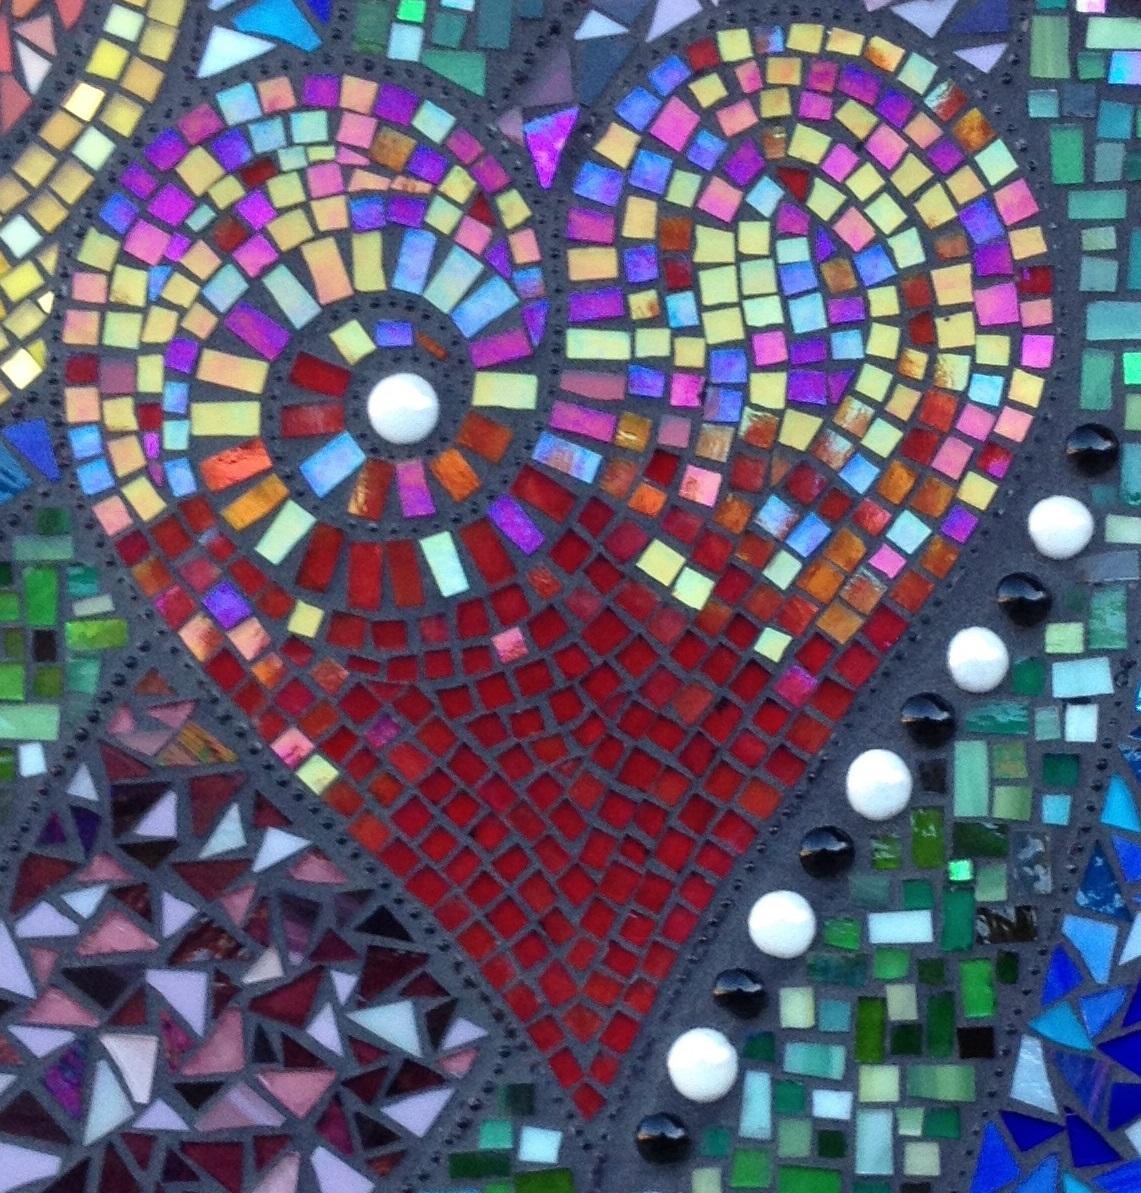 Mosaic Art Beginners Guide